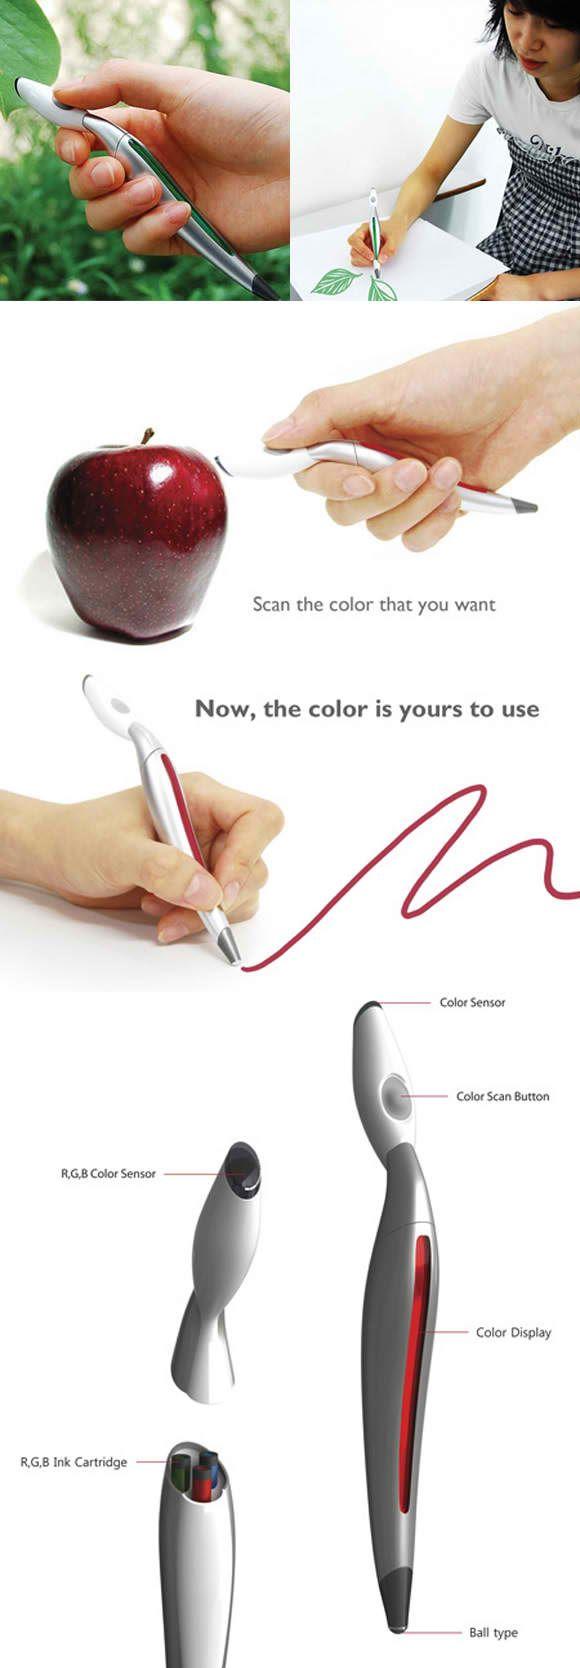 Coolest pen ever!